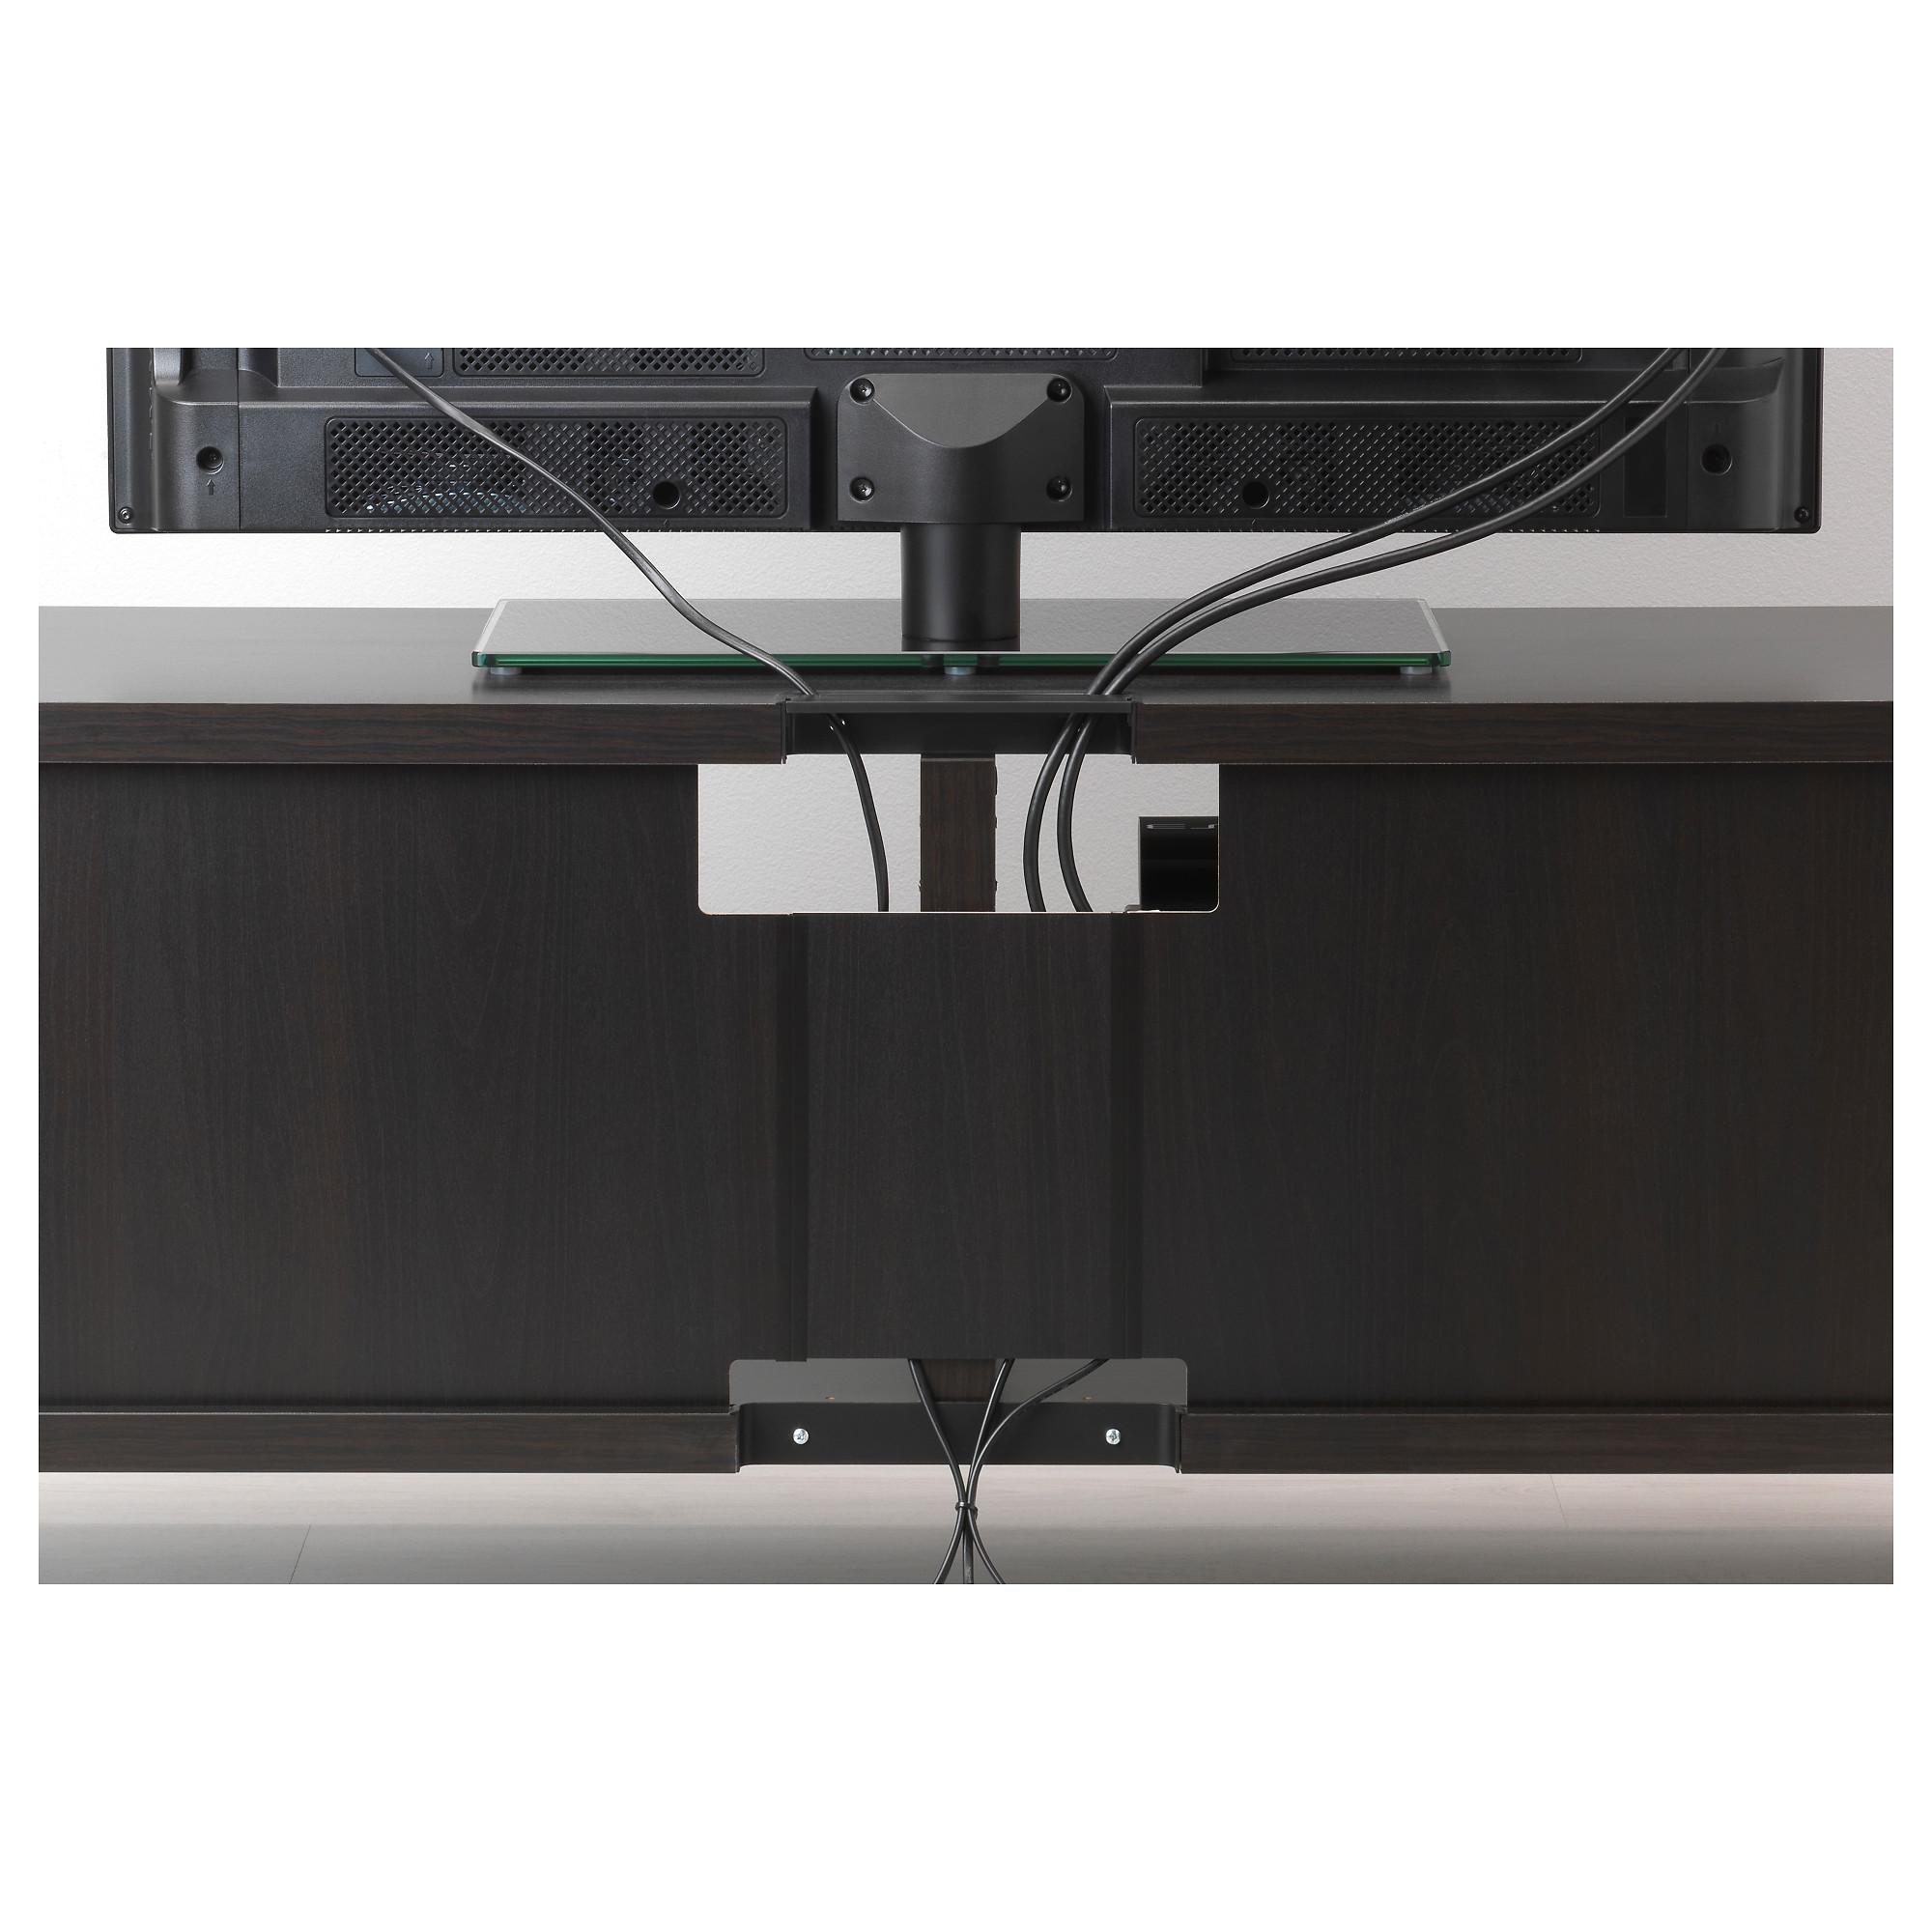 Тумба для ТВ с ящиками БЕСТО темно-синий артикуль № 992.448.86 в наличии. Онлайн каталог IKEA Беларусь. Быстрая доставка и соборка.